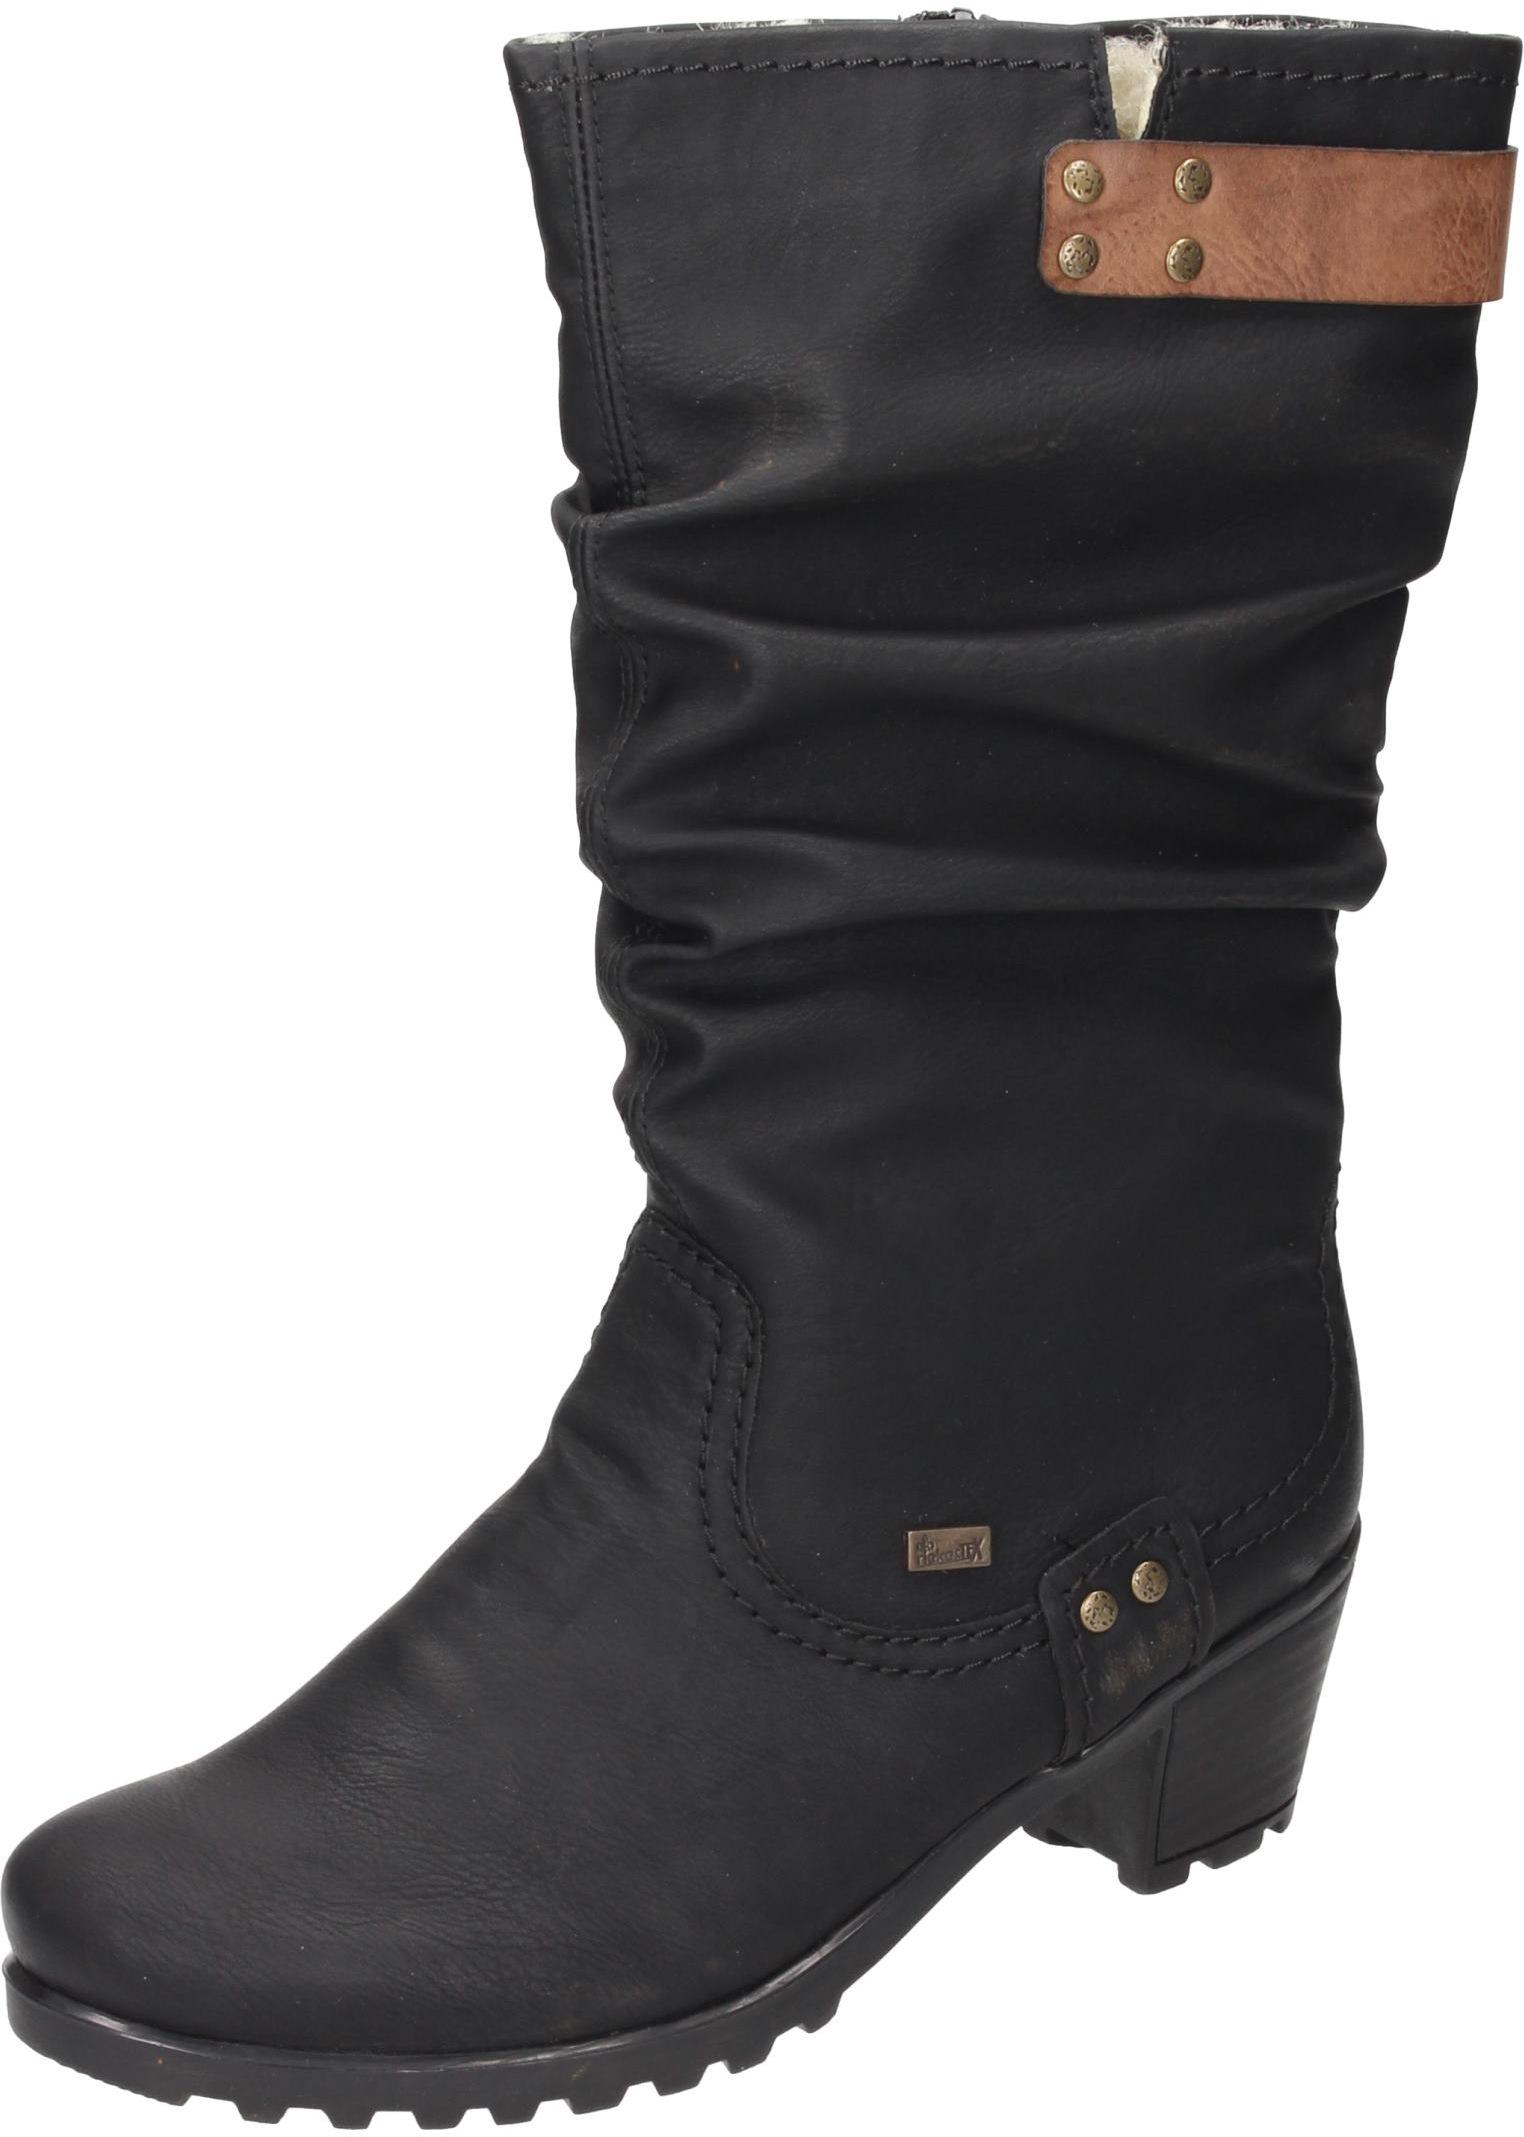 Rieker Damen Damen Damen Schuhe Damen-Stiefel schwarz Synthetik 9113f1